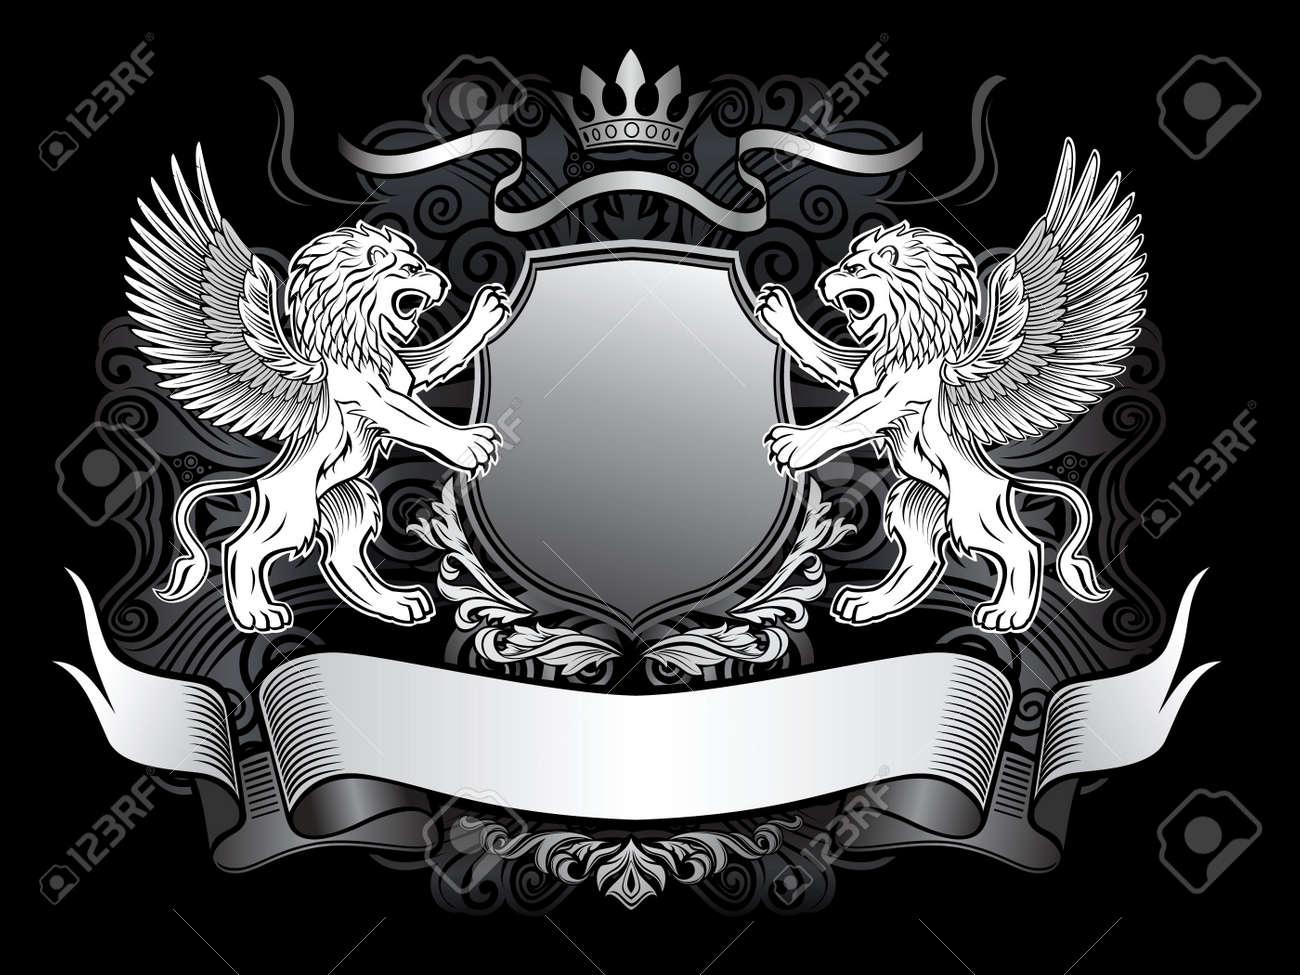 СВОБОДНЫЕ Внутриклан  СТАРТ 2 тур 13026134-Winged-Lion-Emblem-Stock-Photo